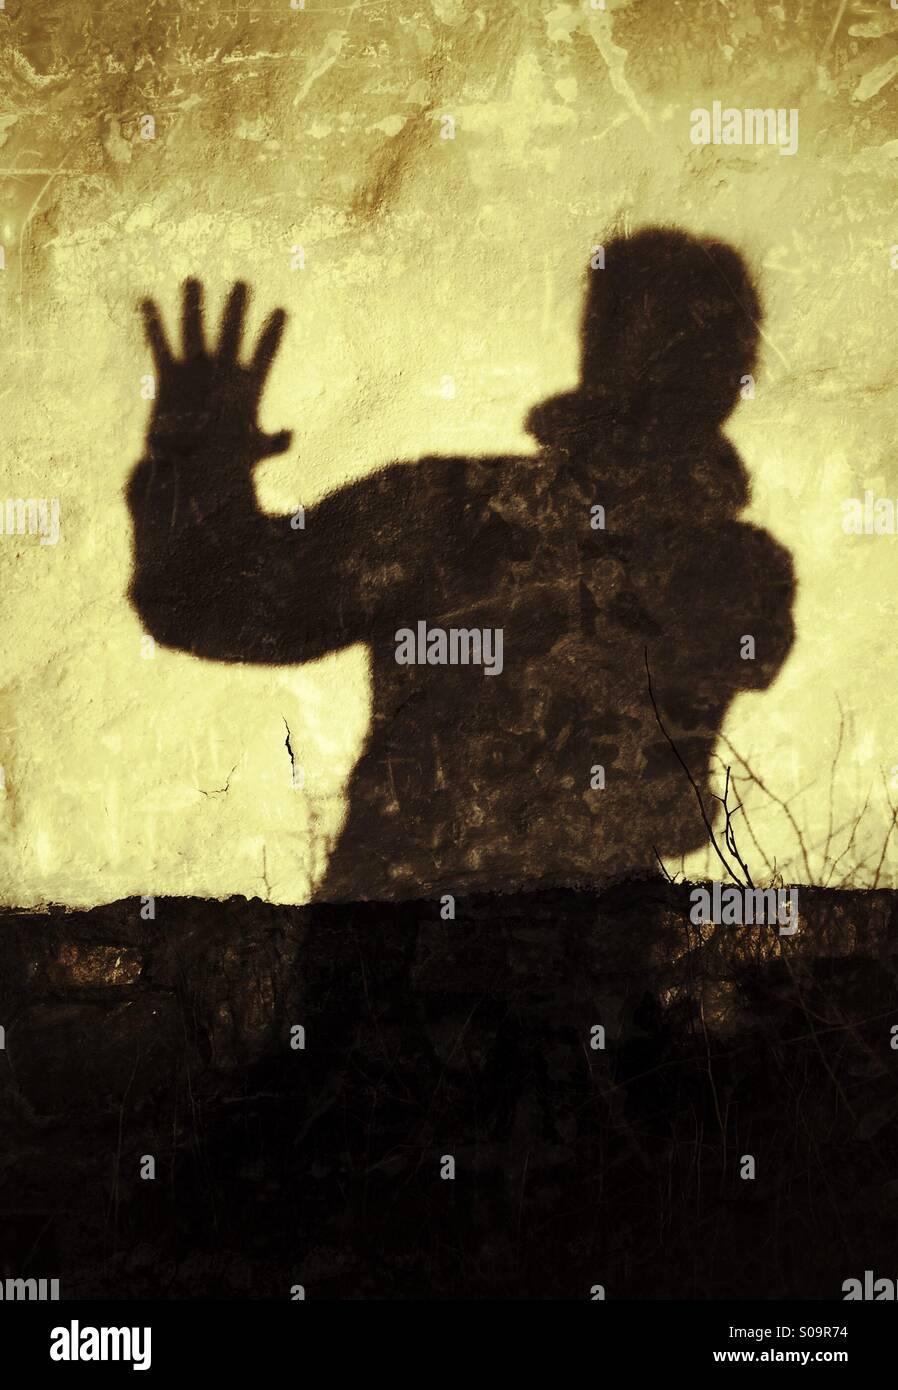 Stop! No más! Hombre una sombra sobre una pared expresando, Stop!, no más! Imagen De Stock